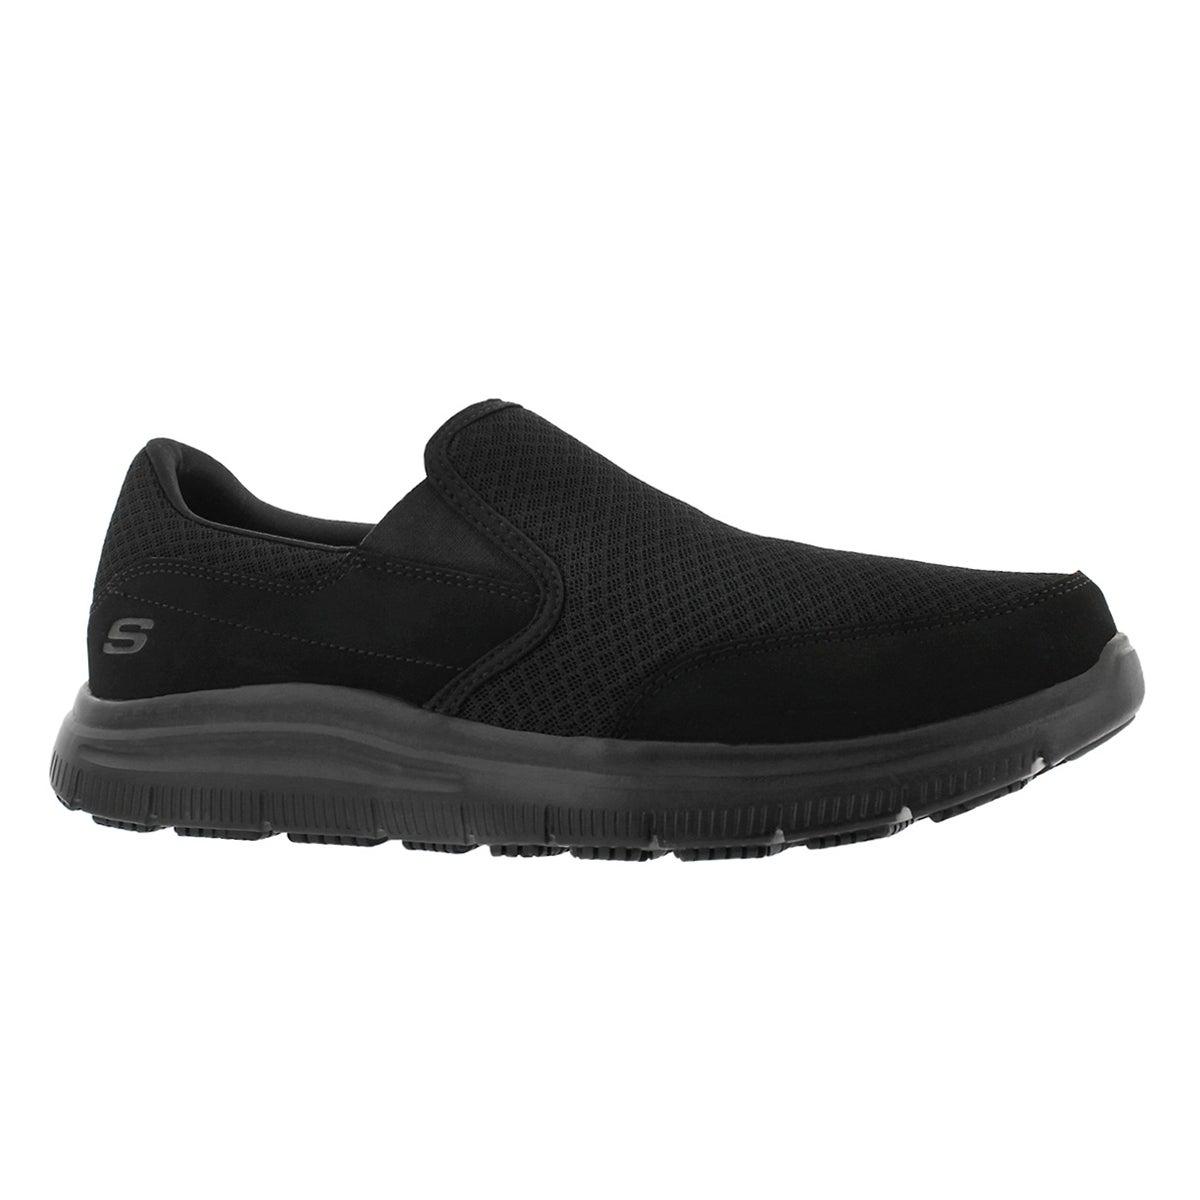 Men's McALLEN black slip resistant slip ons work